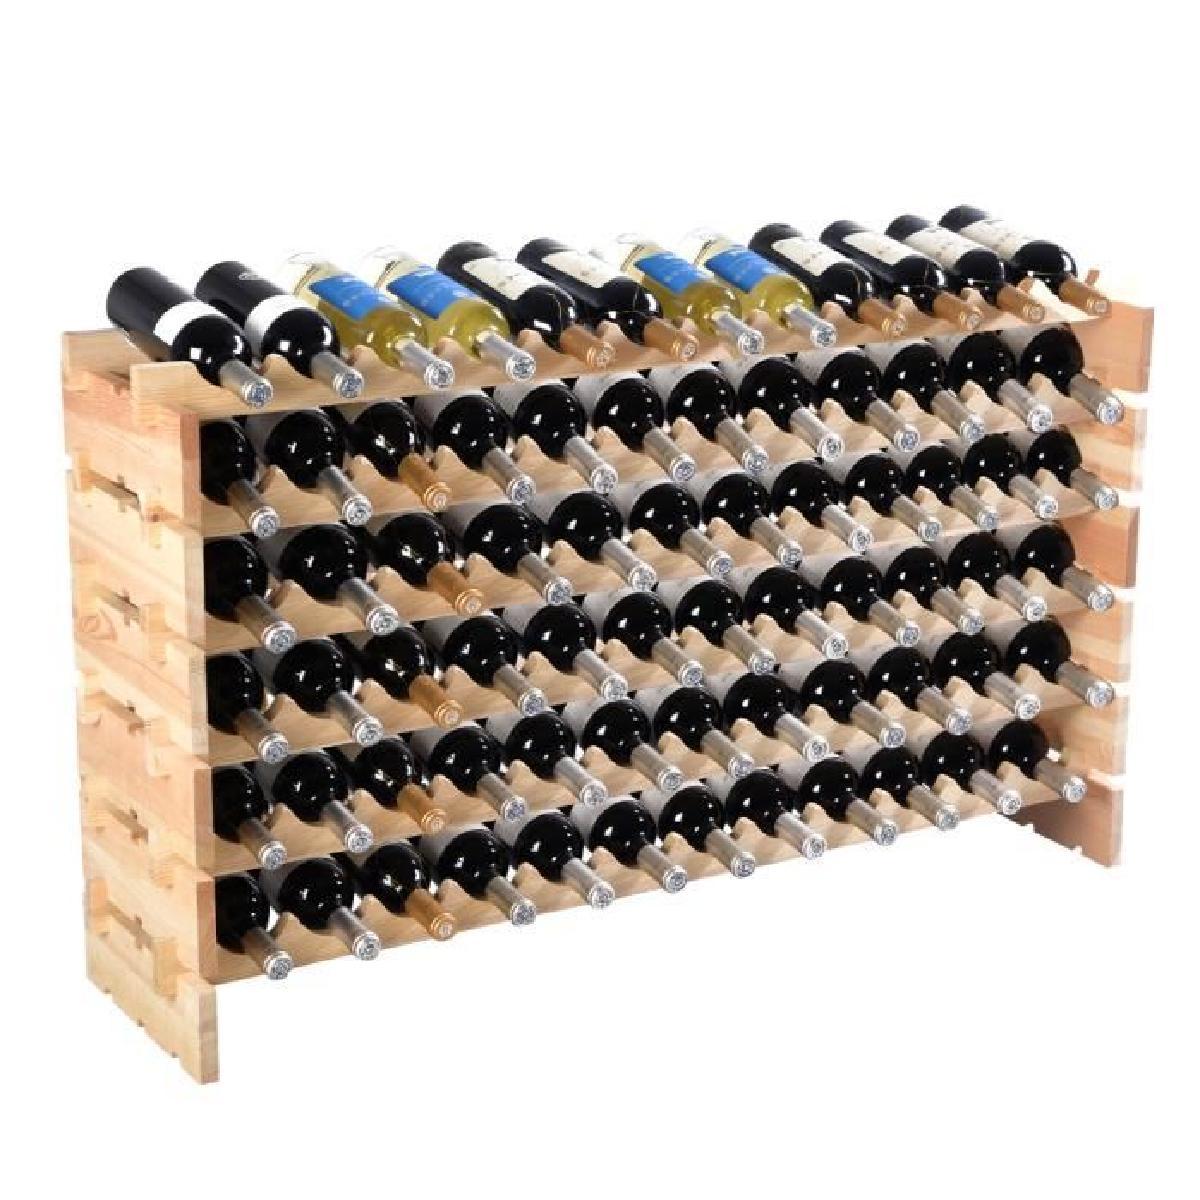 Rangement pour bouteille de vin pas cher